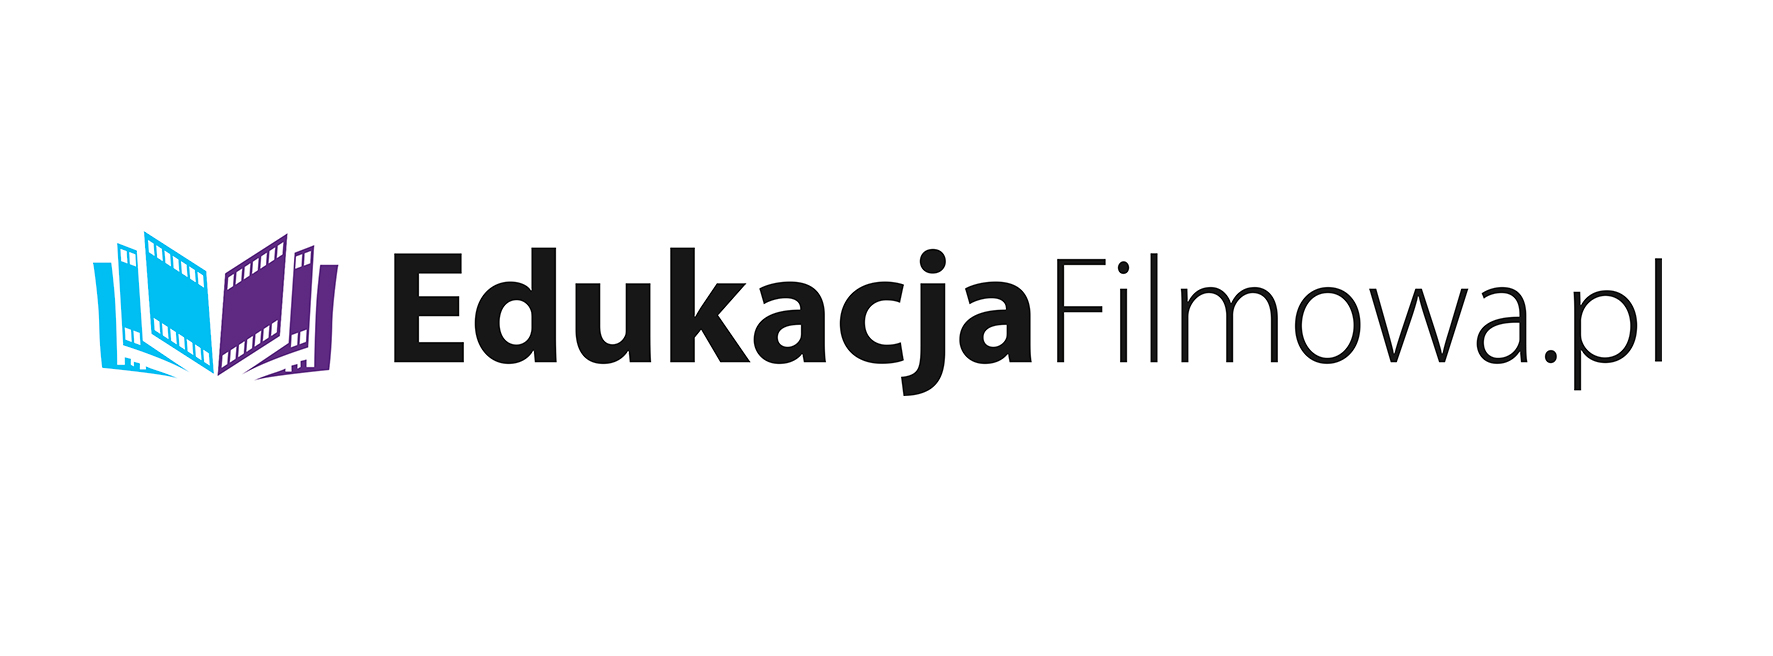 edukacjafilmowa.pl